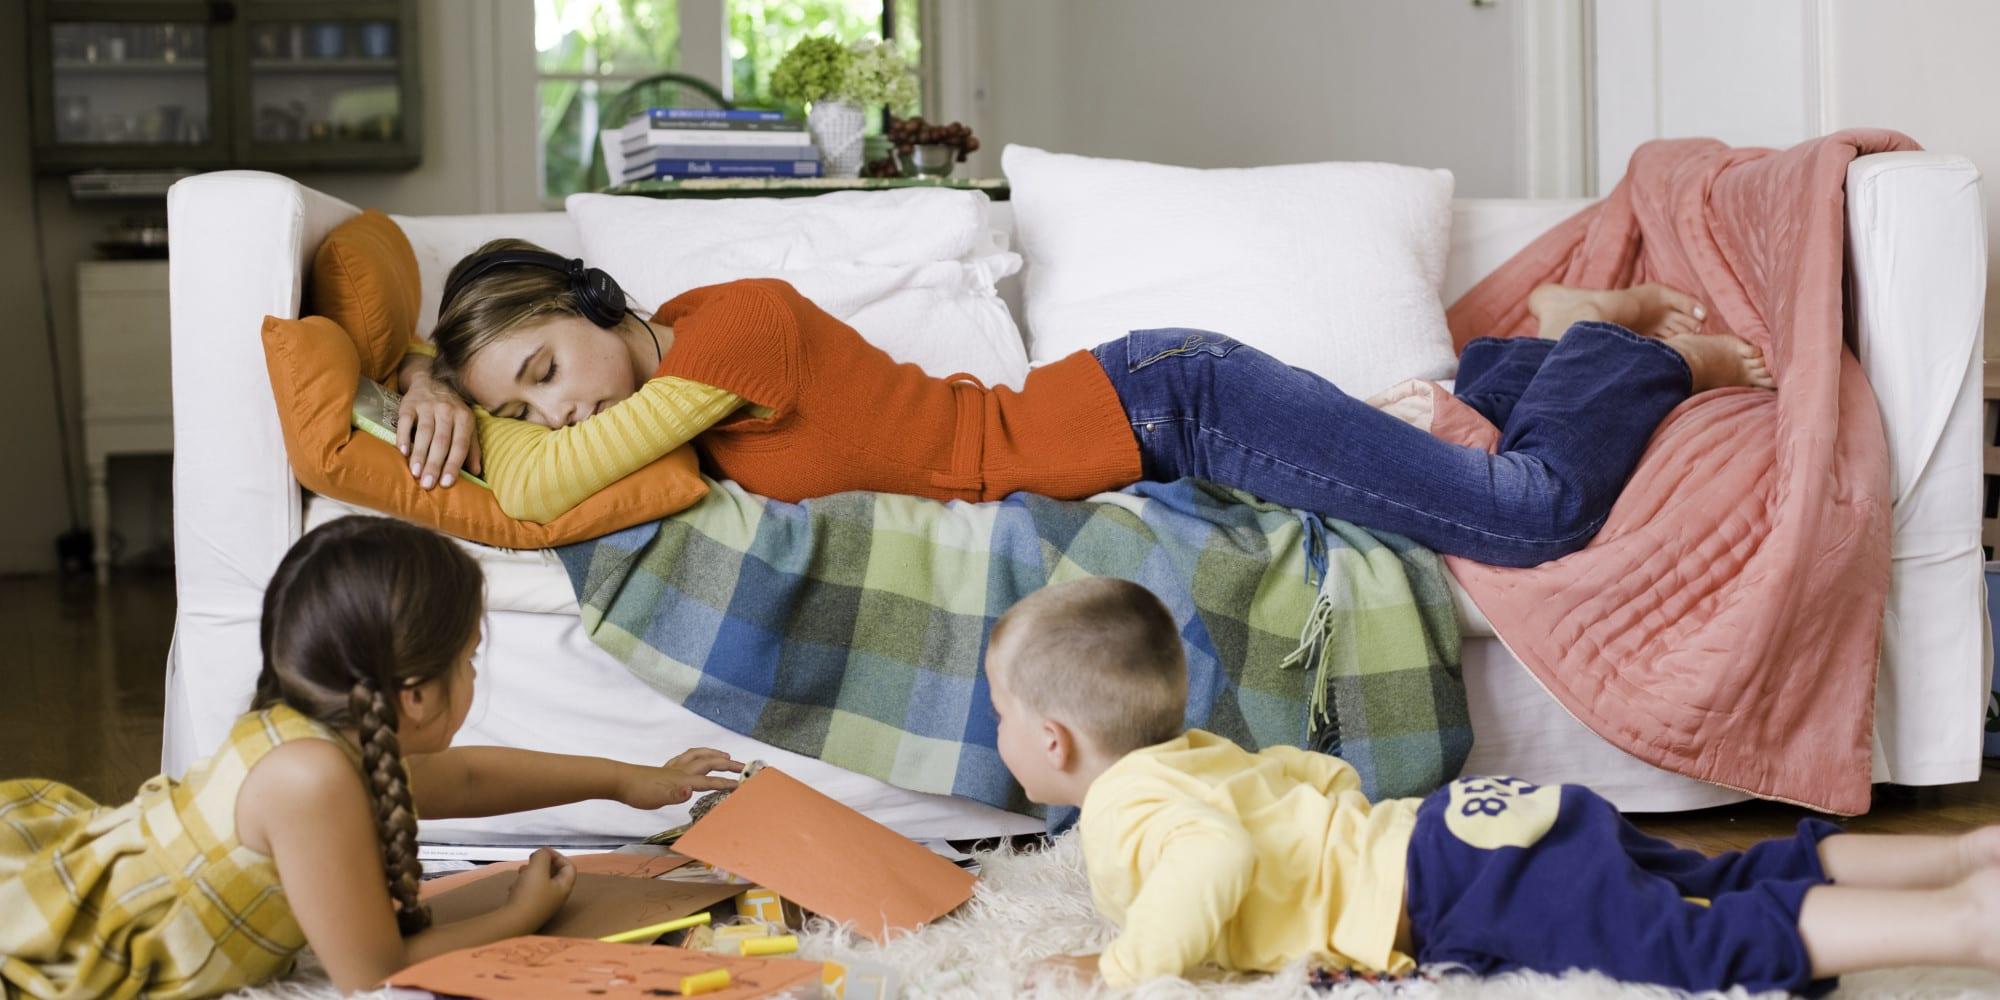 madre y sus dos hijos descansando